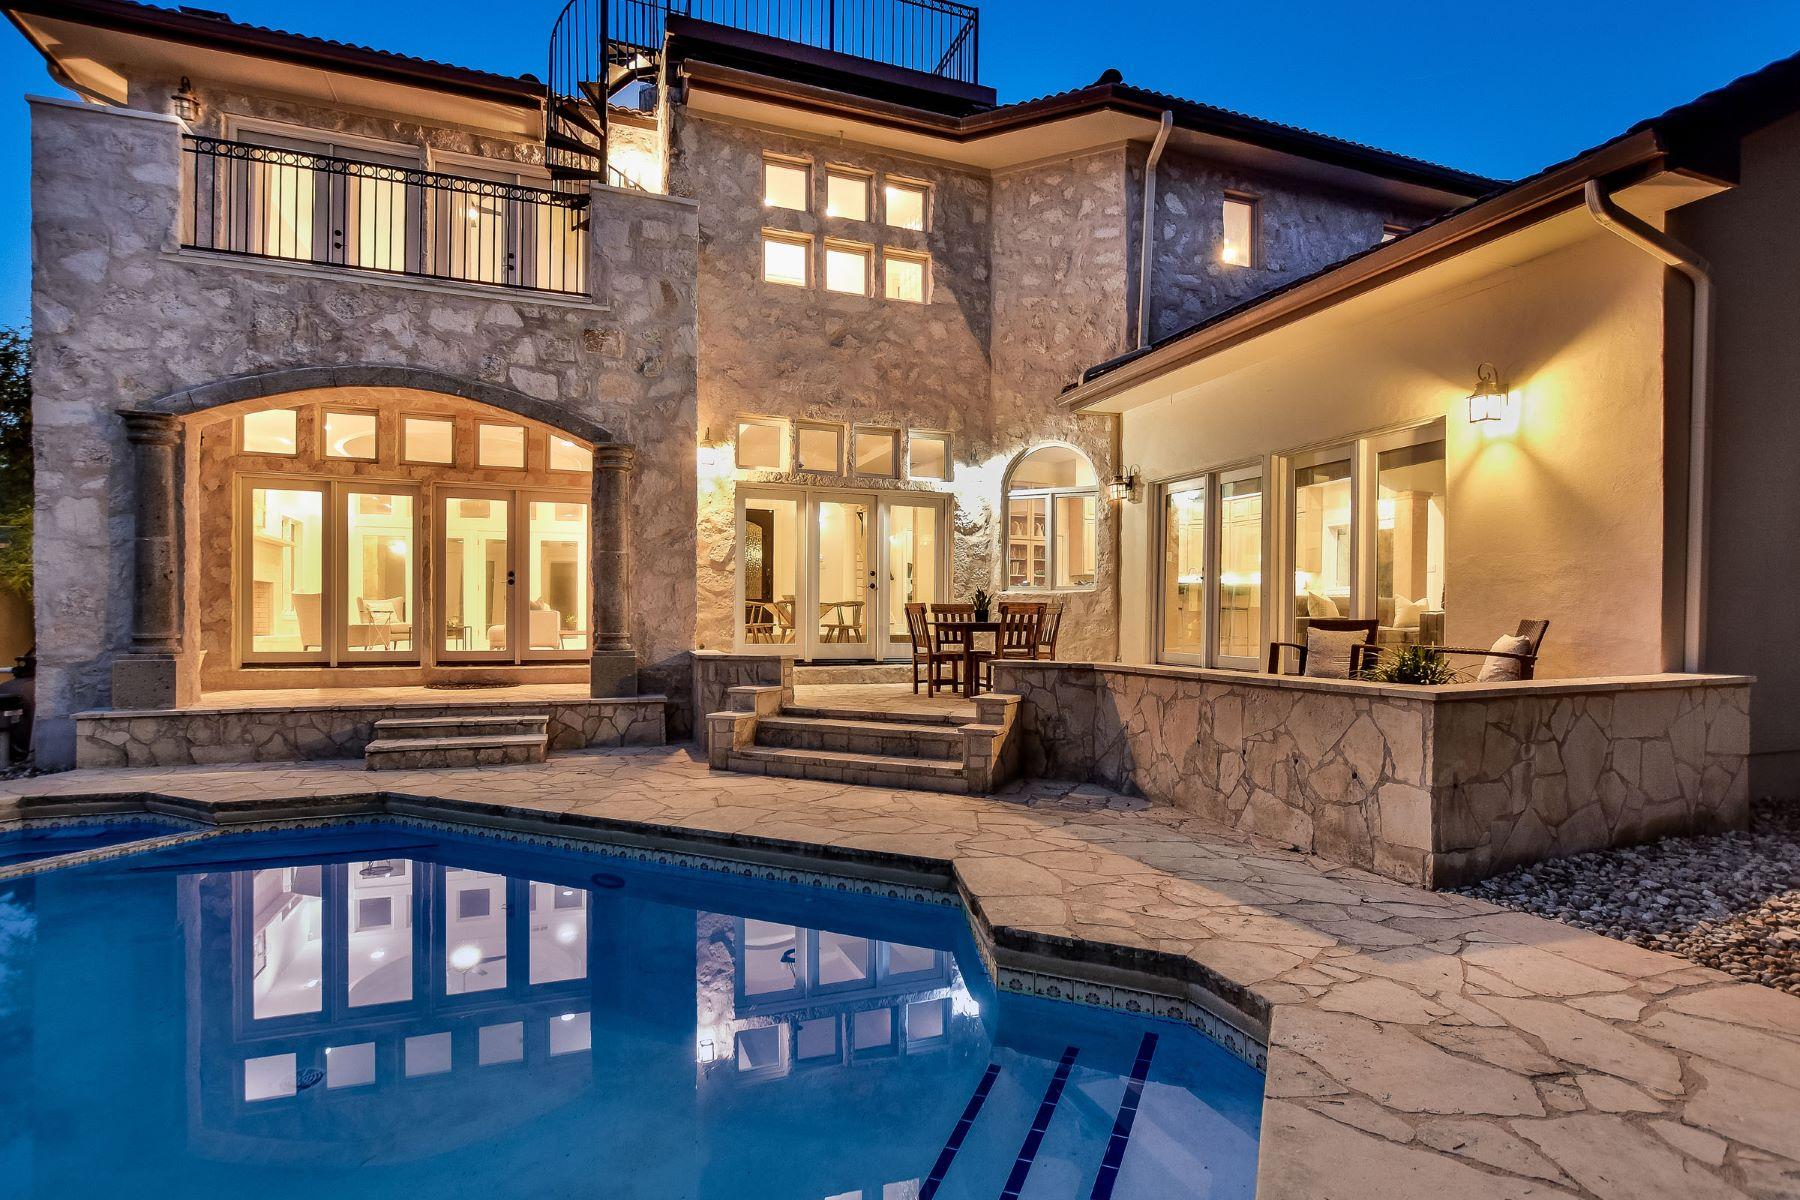 Кондоминиум для того Продажа на Lock and Leave Remodel with Stunning Lake Views 3904 Laguna Vista Cv Austin, Техас, 78746 Соединенные Штаты